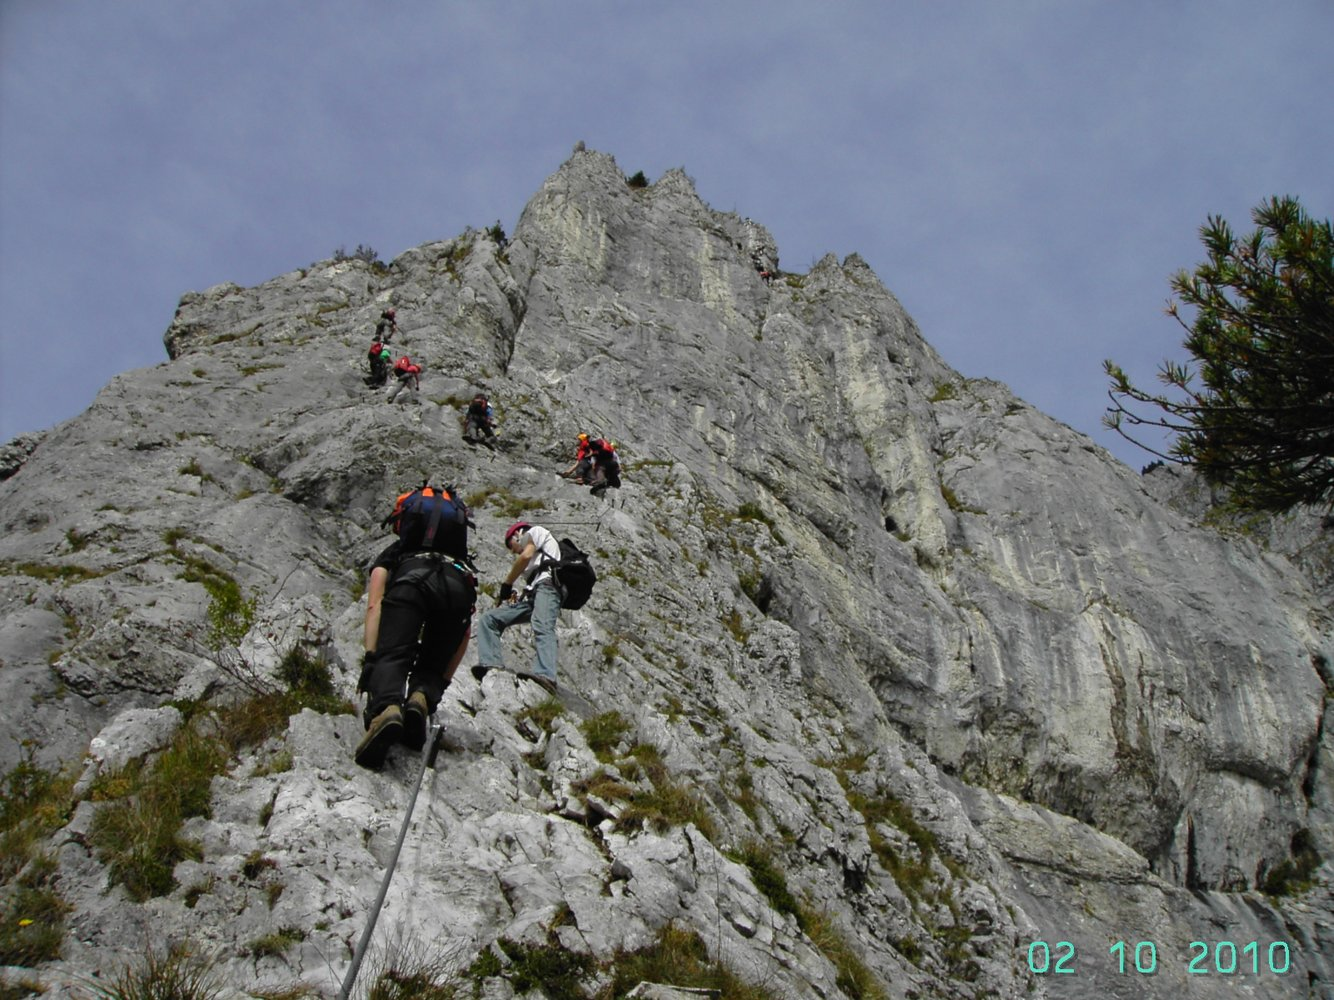 Klettersteig Leopoldsteinersee : Kaiser franz joseph klettersteig seemauer bergsteigen